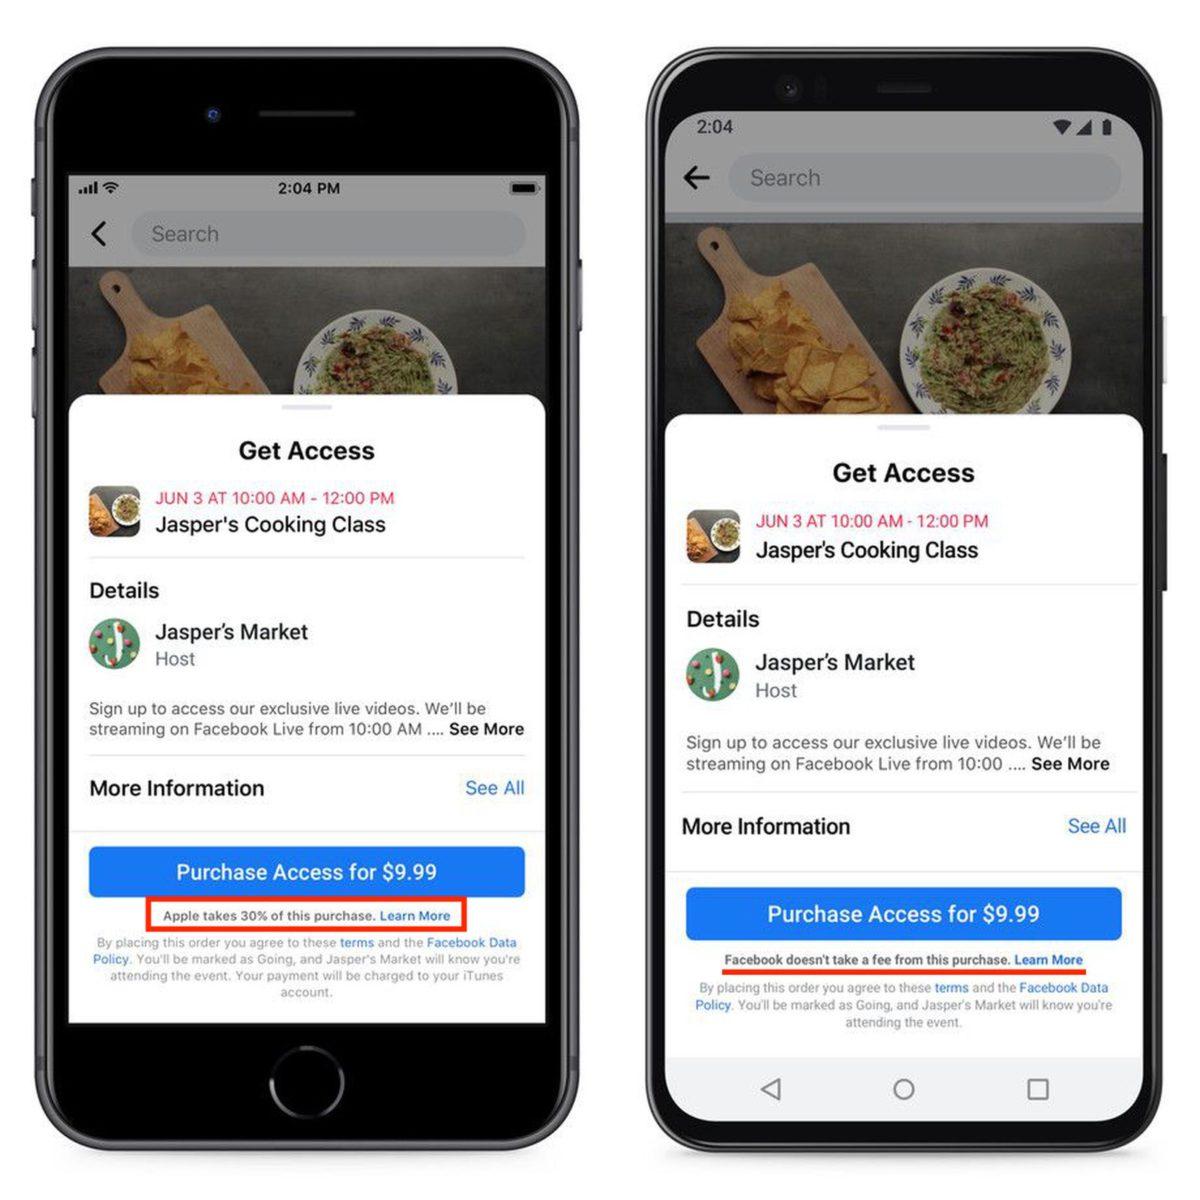 右邊是 Facebook 原本送審的 iOS 版程式,標示了 Apple 抽取 30% 分成。右邊是 Facebook 說打算在 Android App 裡加入的聲明,但結果也沒有貼出⋯⋯